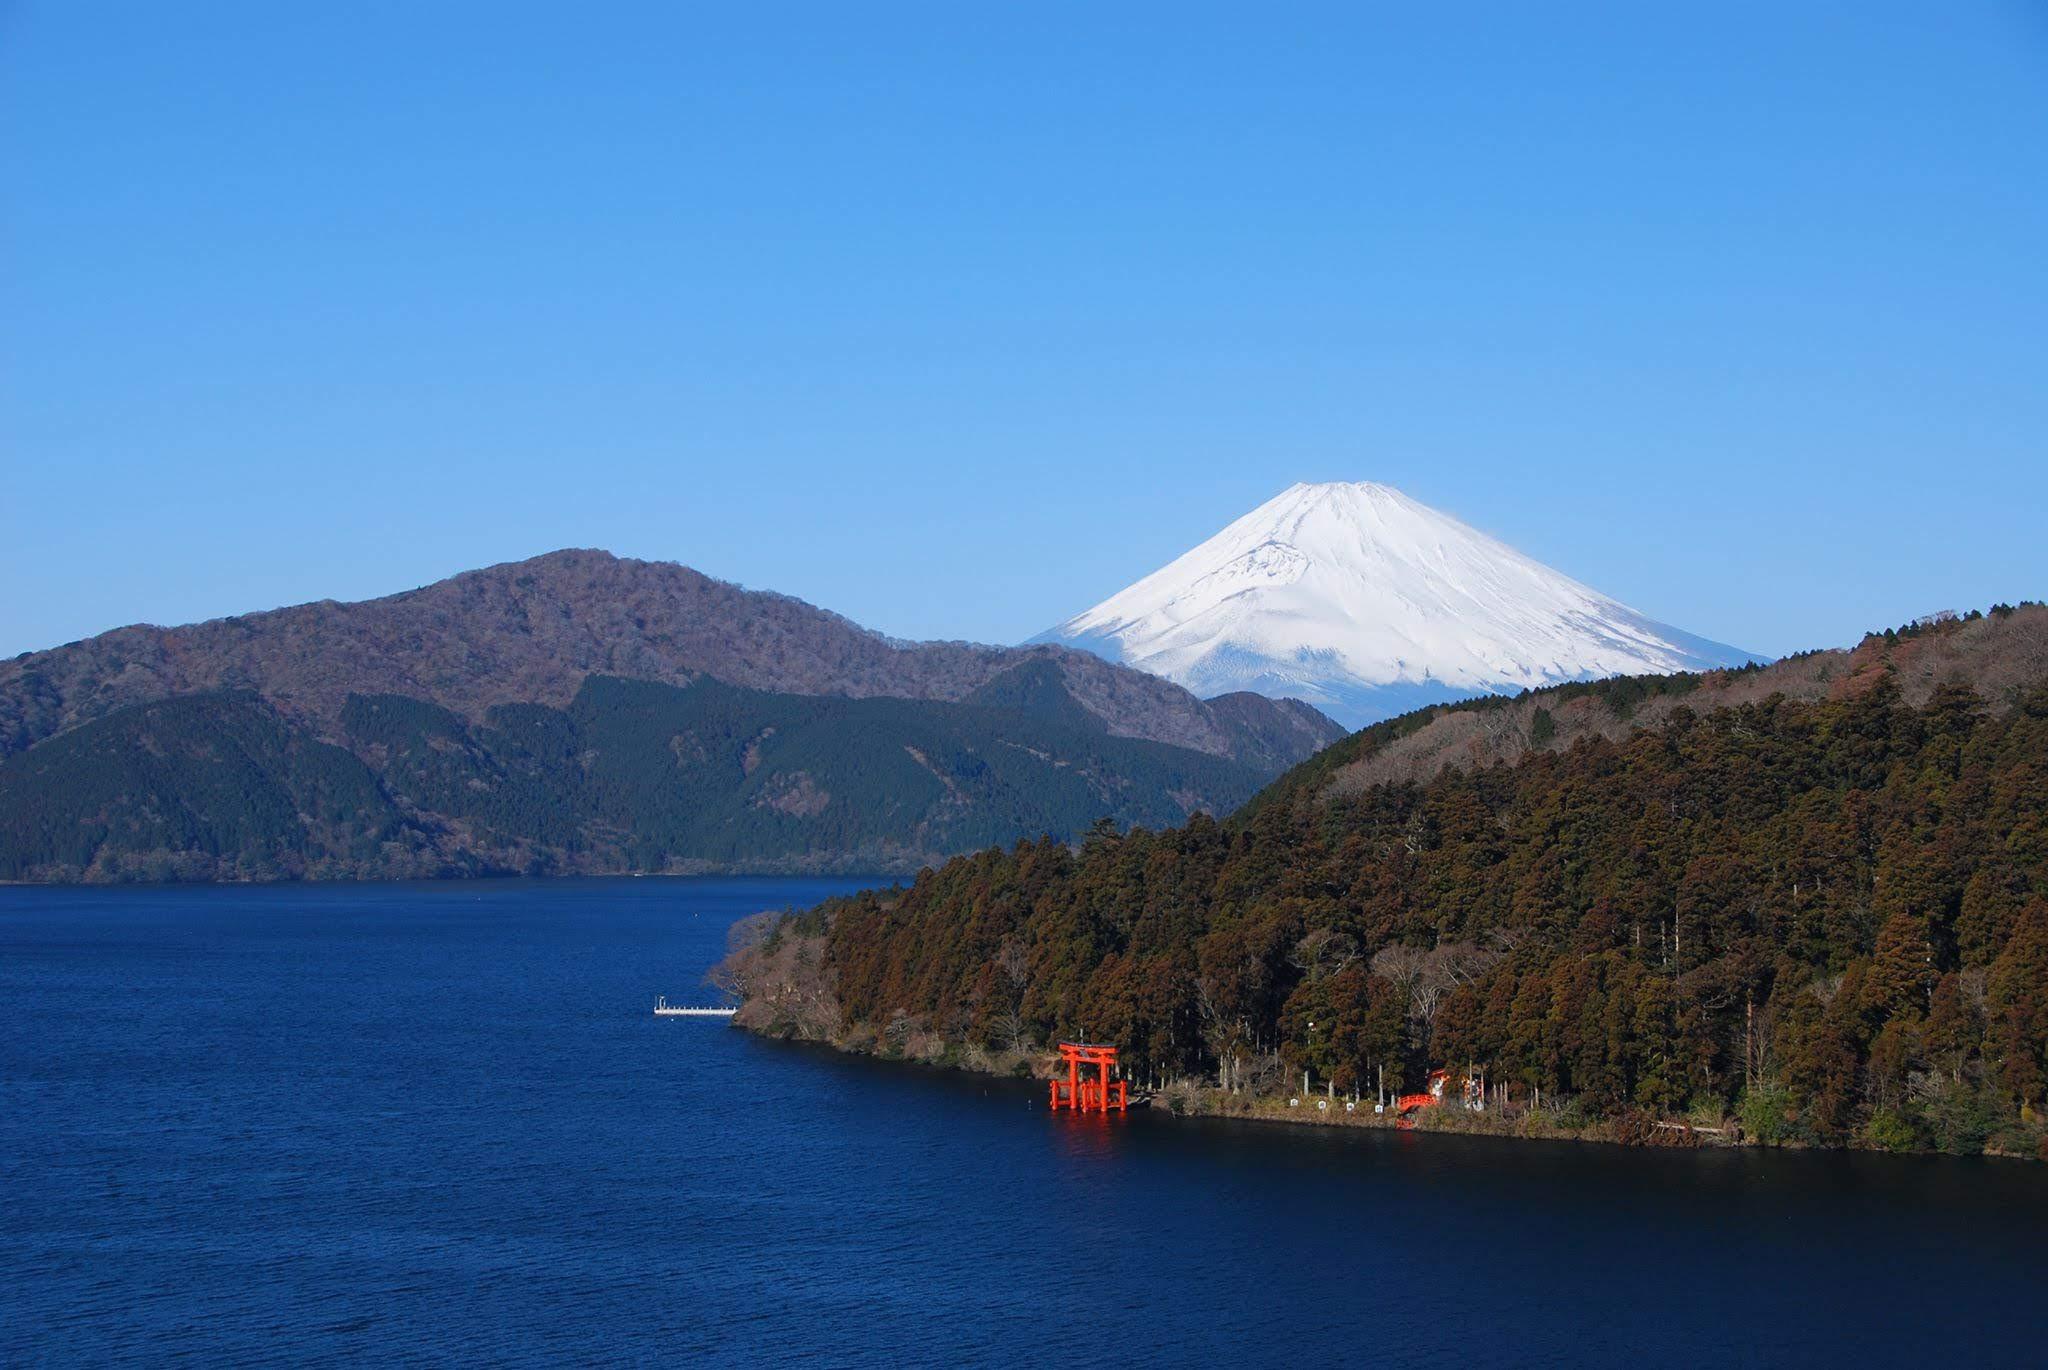 Kết quả hình ảnh cho Hồ Ashinoko